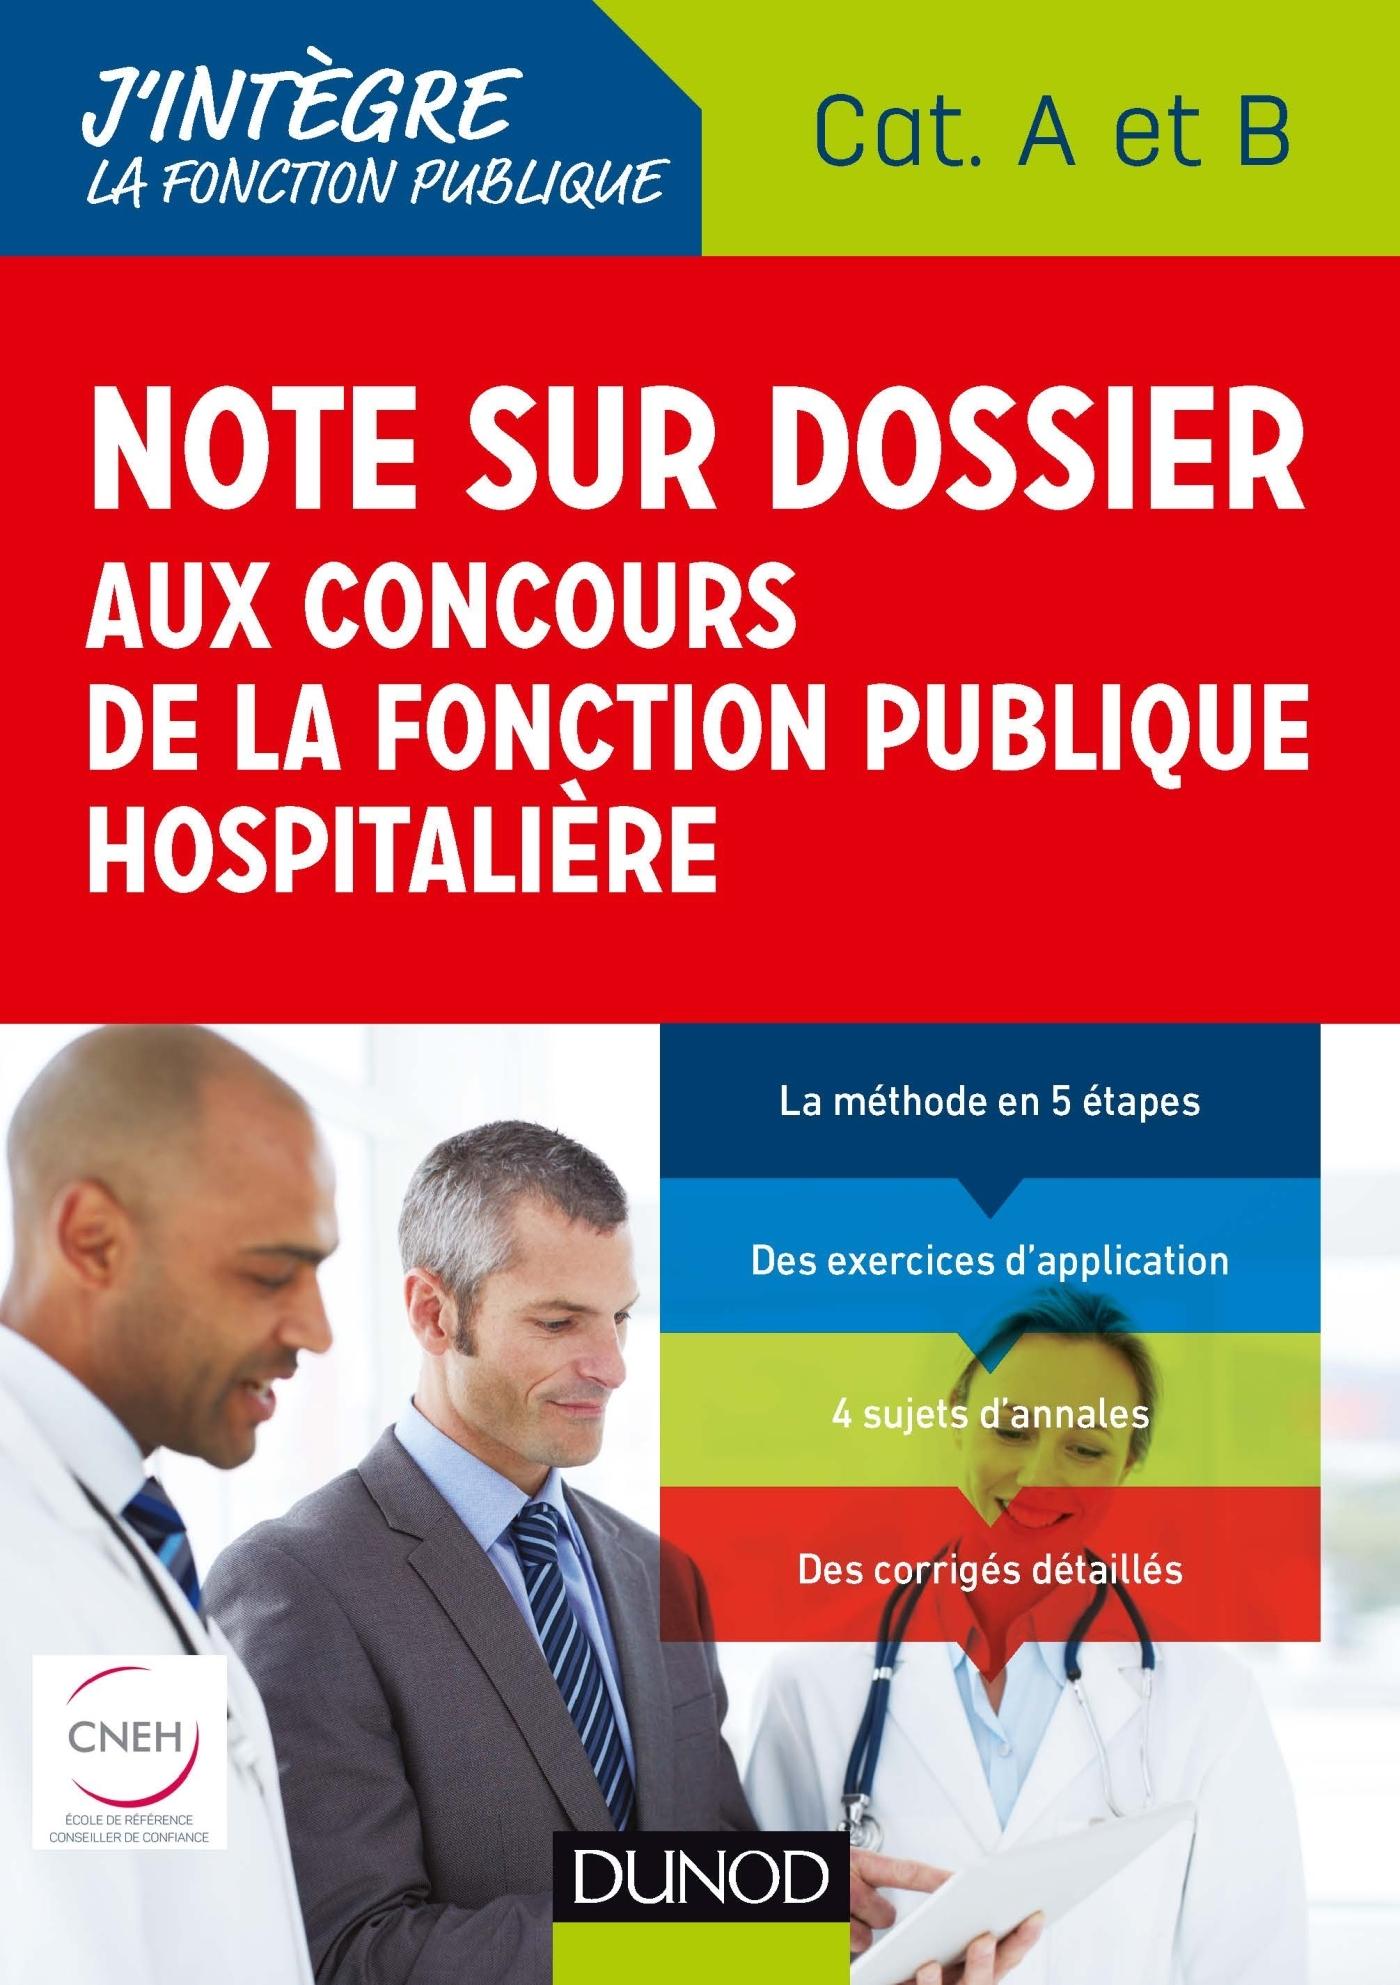 NOTE SUR DOSSIER AUX CONCOURS DE LA FONCTION PUBLIQUE HOSPITALIERE - CAT A ET B